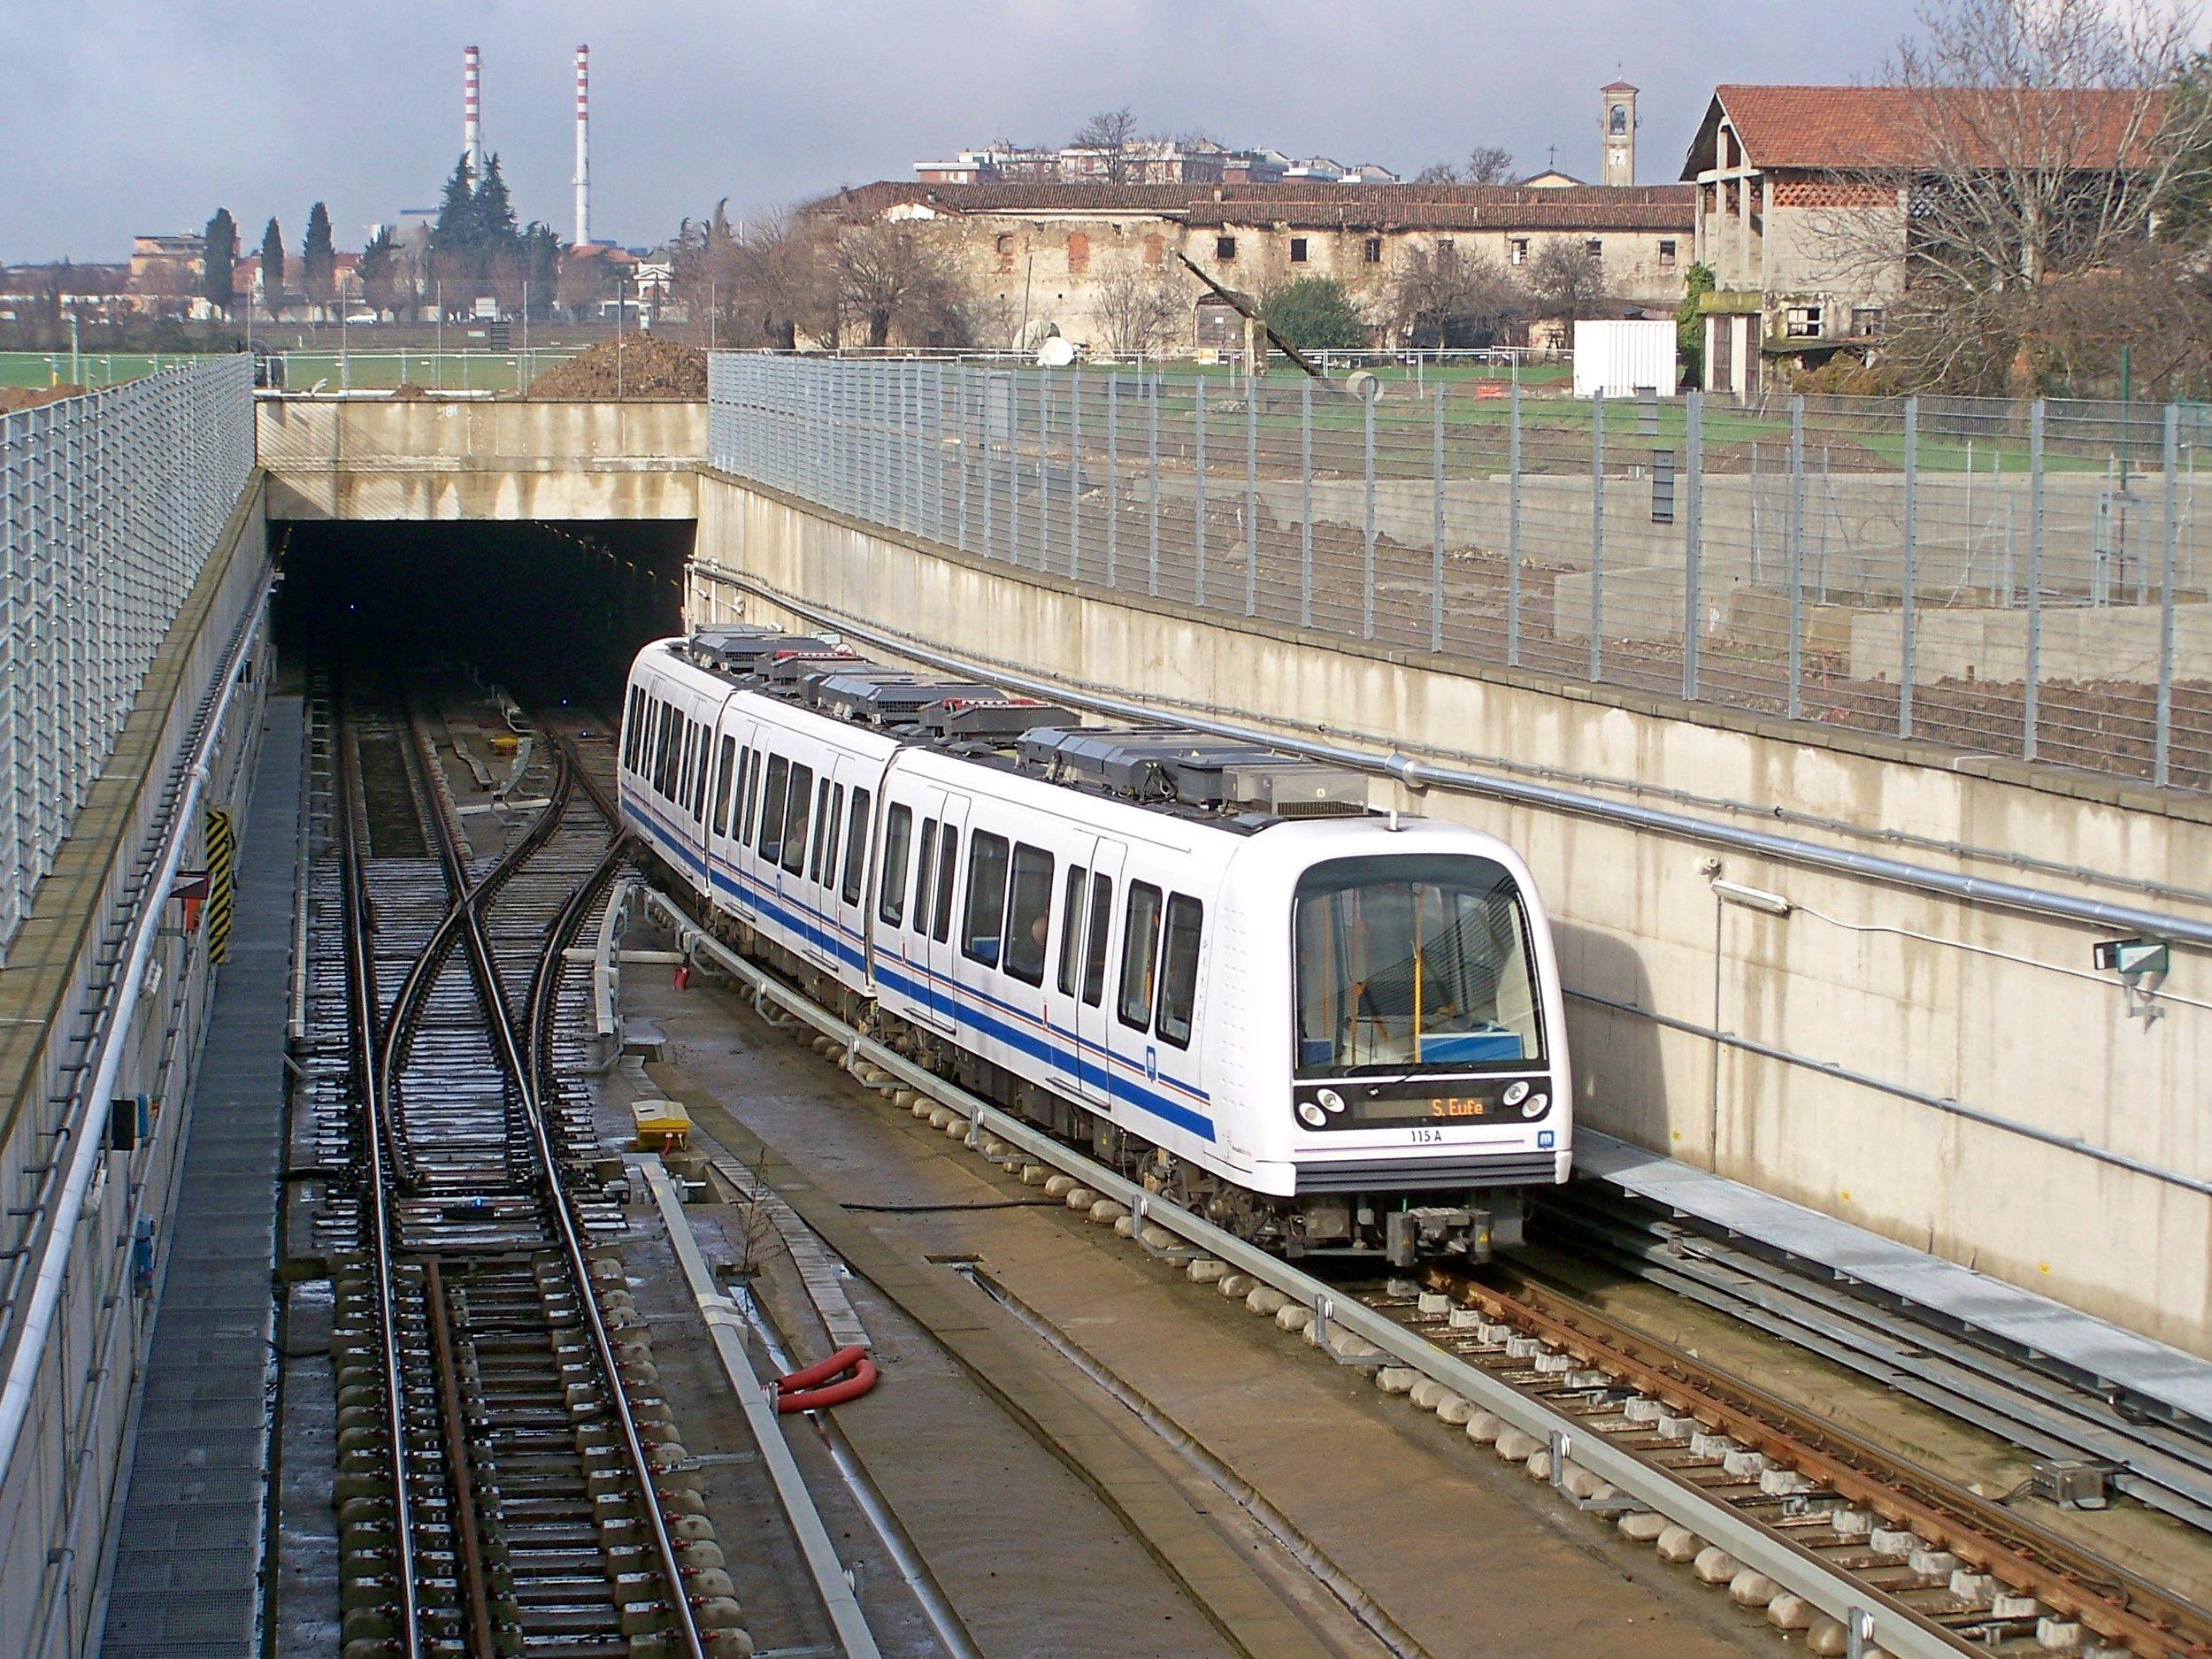 Jednotka metra o délce 39 m dodaná společností AnsaldoBreda. (zdroj: Wikipedia)